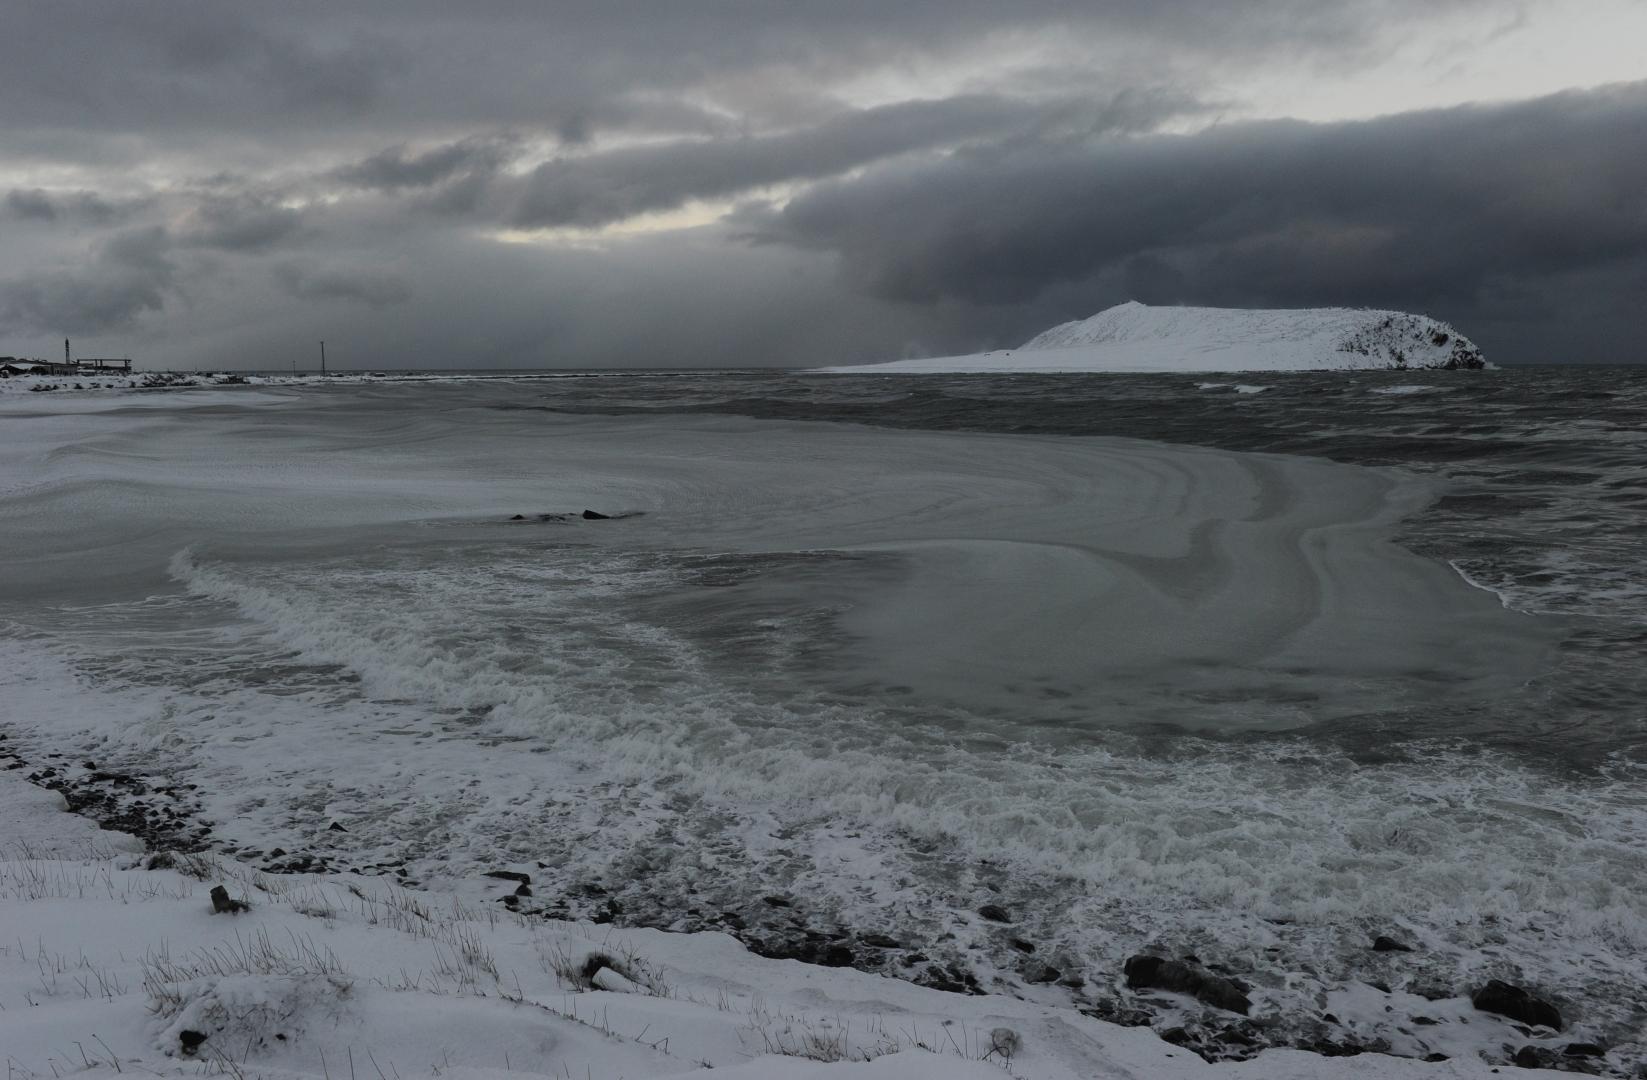 Чукотское море, закрытое шугой, и окрестности села Рыркайпий